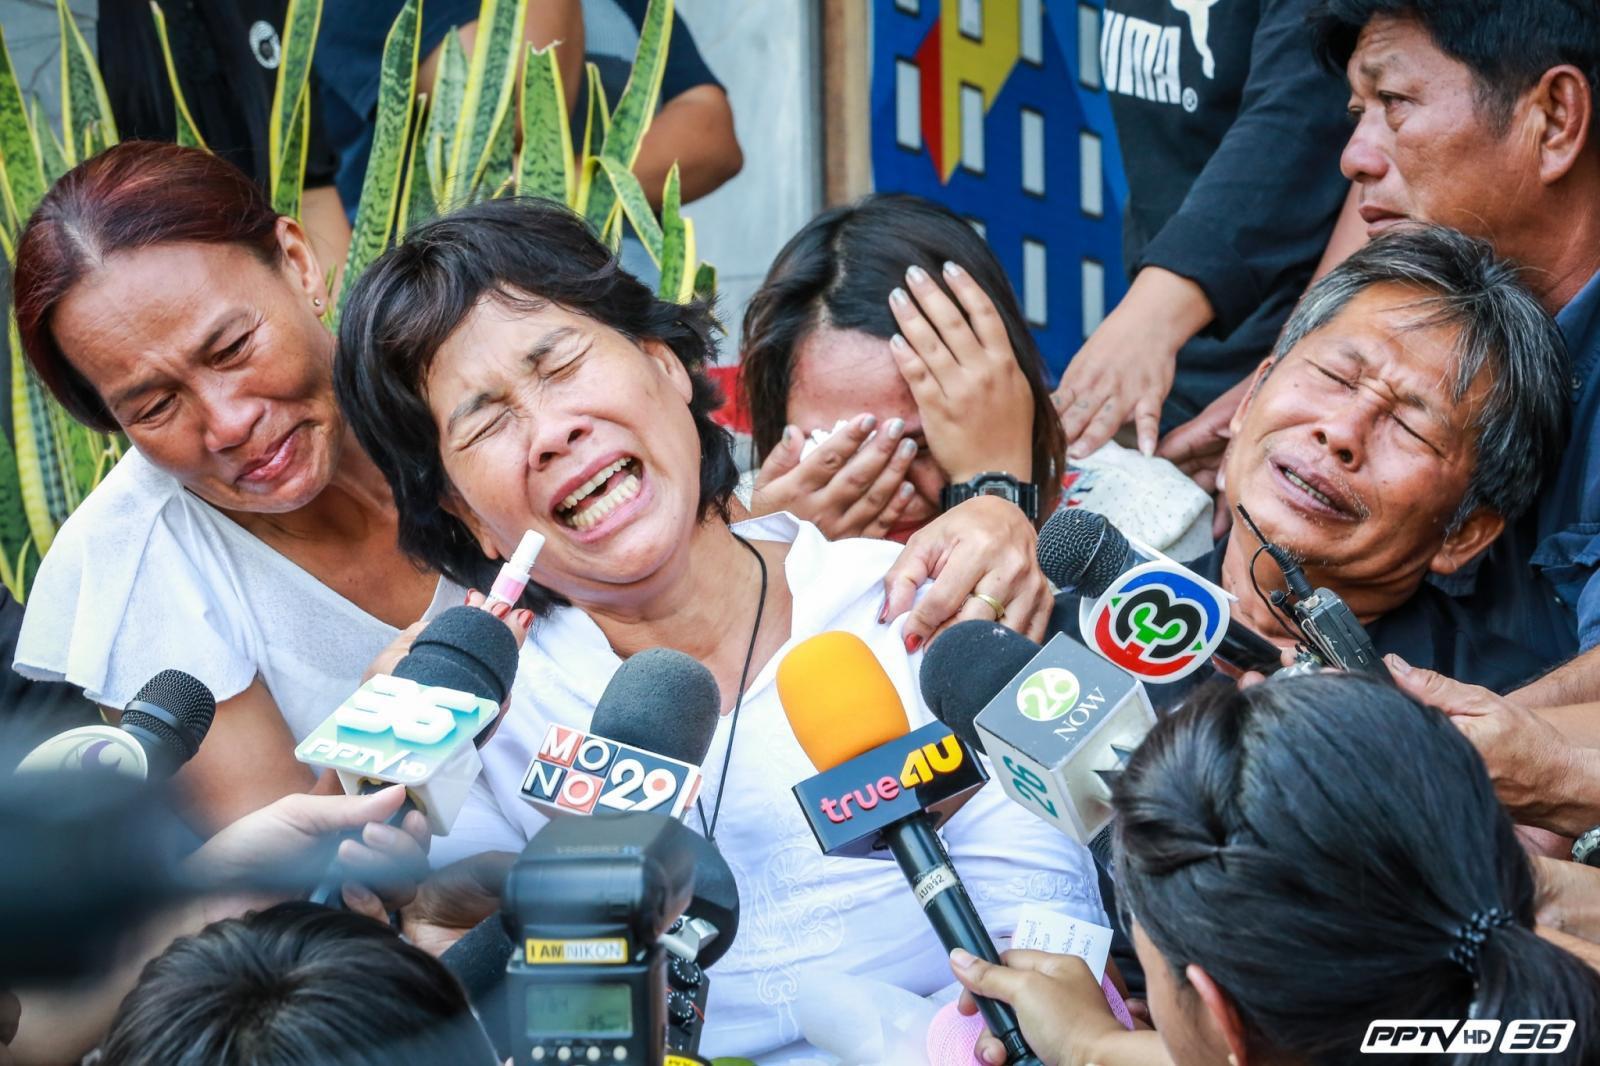 ศาลฎีกายกคำร้องรื้อฟื้นคดีอาญารายแรกของไทย